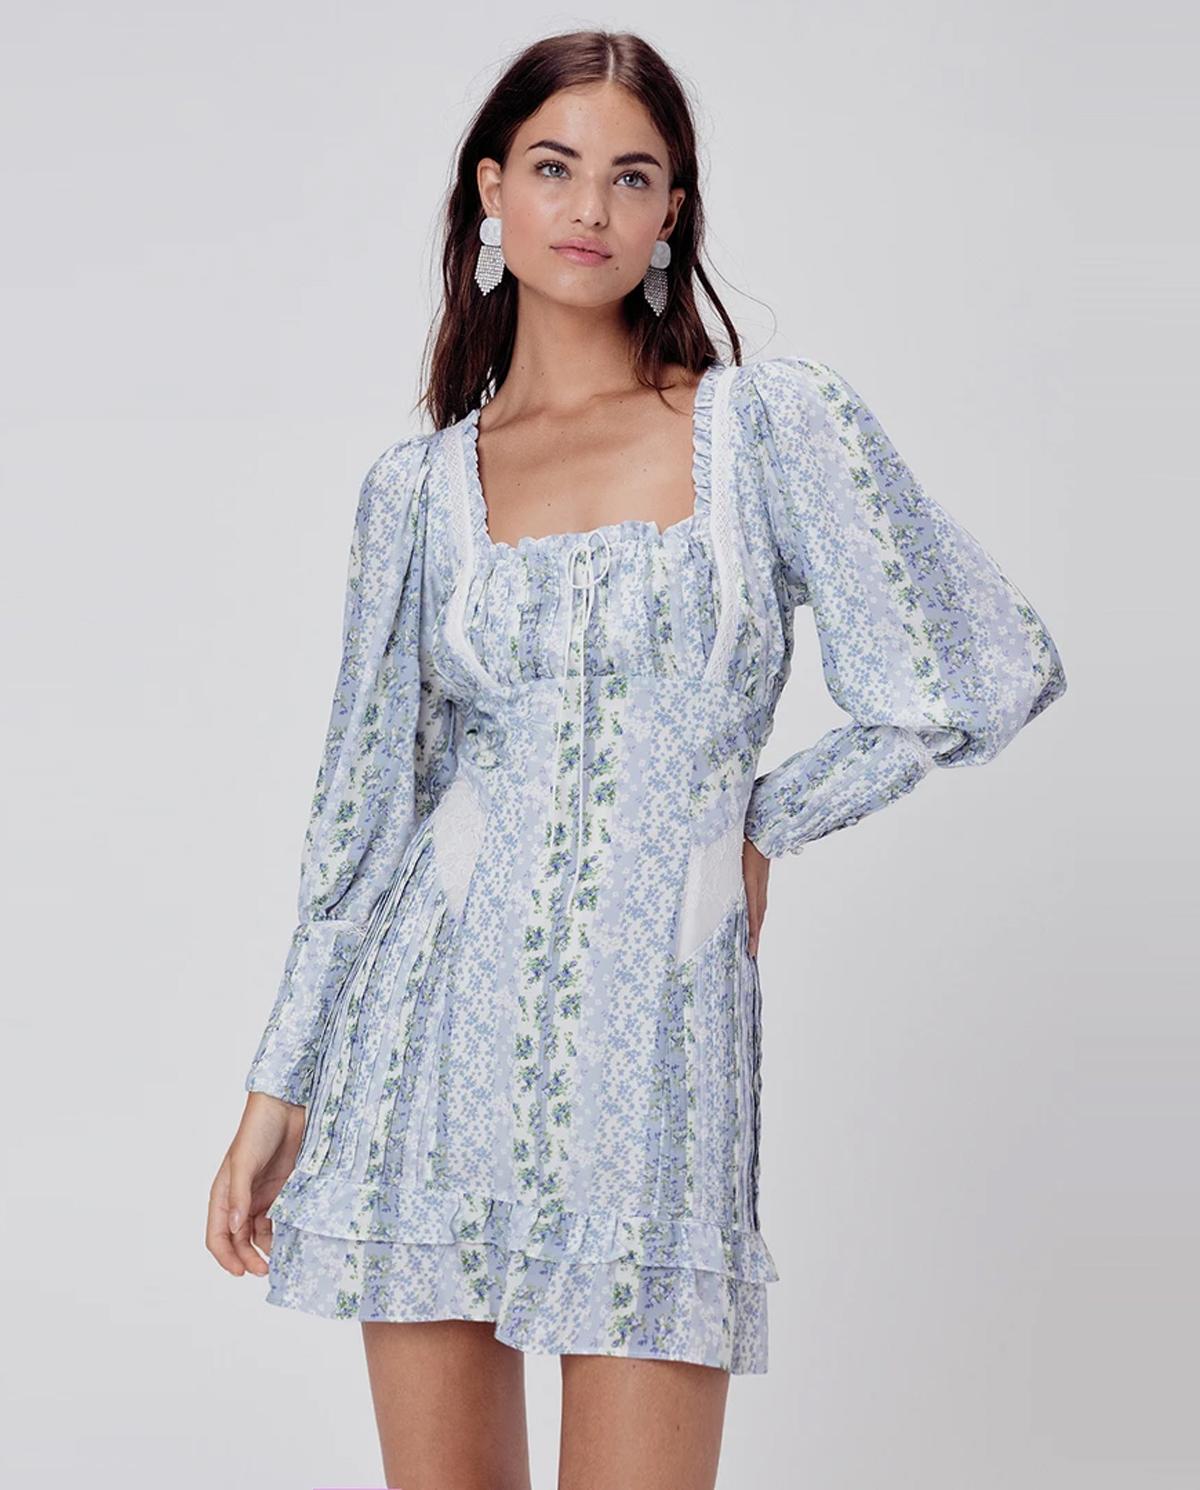 Niebieska sukienka w kwiaty Gracie For Love & Lemons CD2107-SP20 PRAIRIE